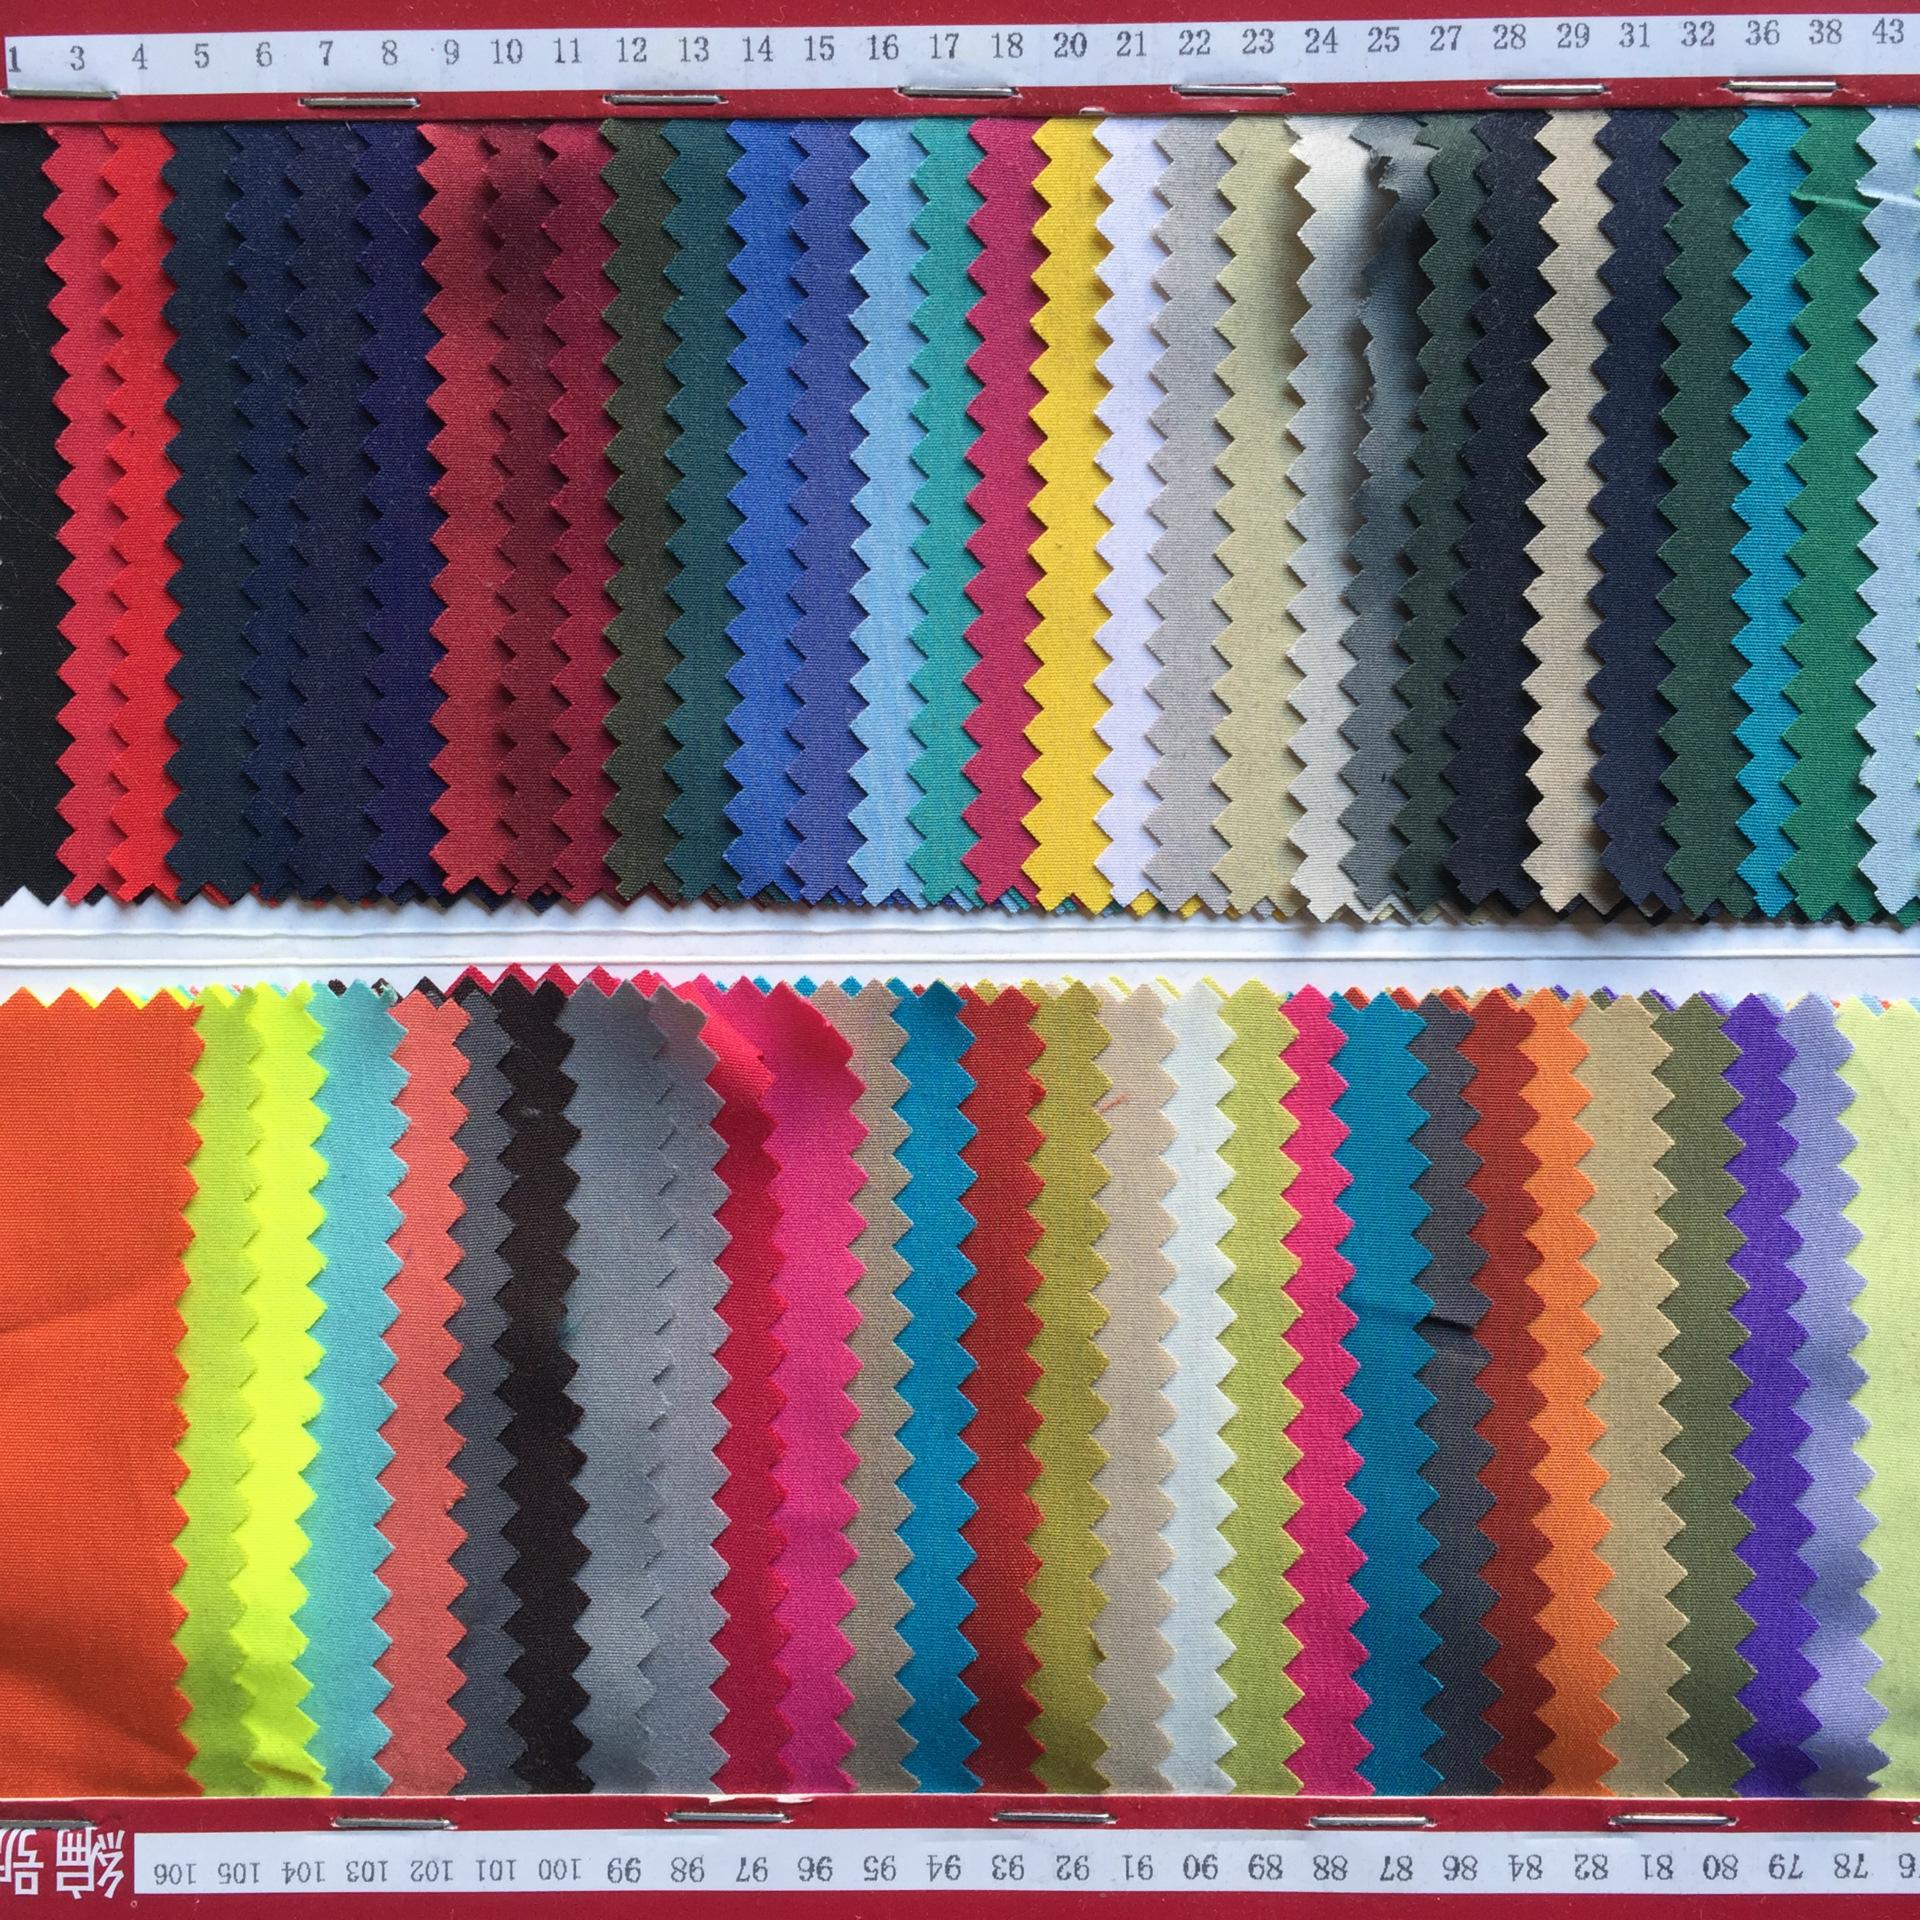 厂家现货环保桃皮绒 涤纶加密磨毛水蜜桃布 43099平纹沙滩裤面料